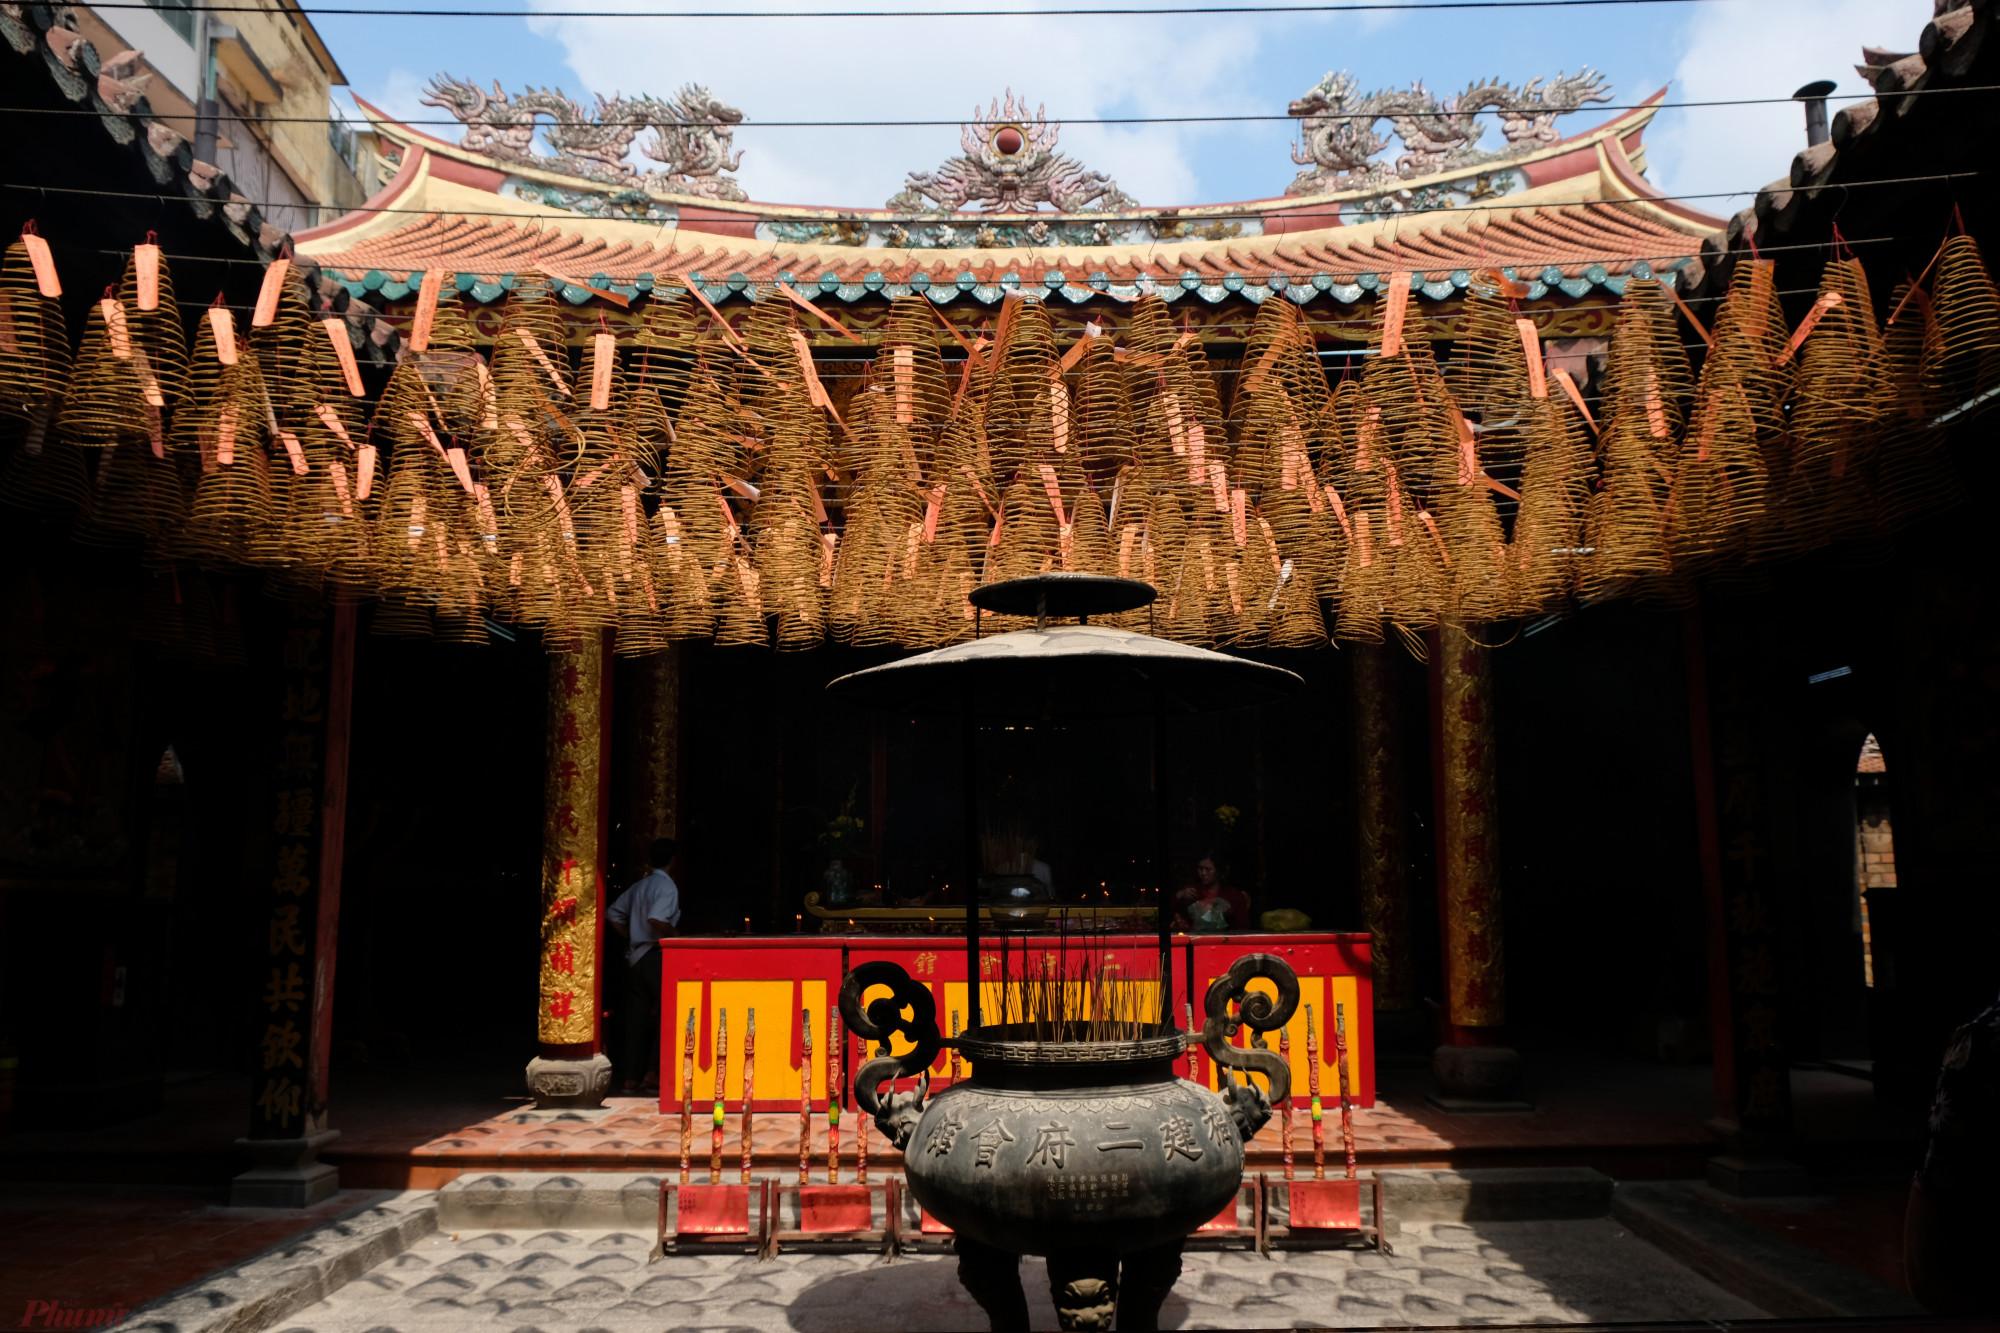 Chùa Ông Bổn (Miếu Nhị Phủ)- một trong những địa điểm quen thuộc của người Hoa vào dịp Tết Nguyên tiêu - Ảnh: Đậu Dung